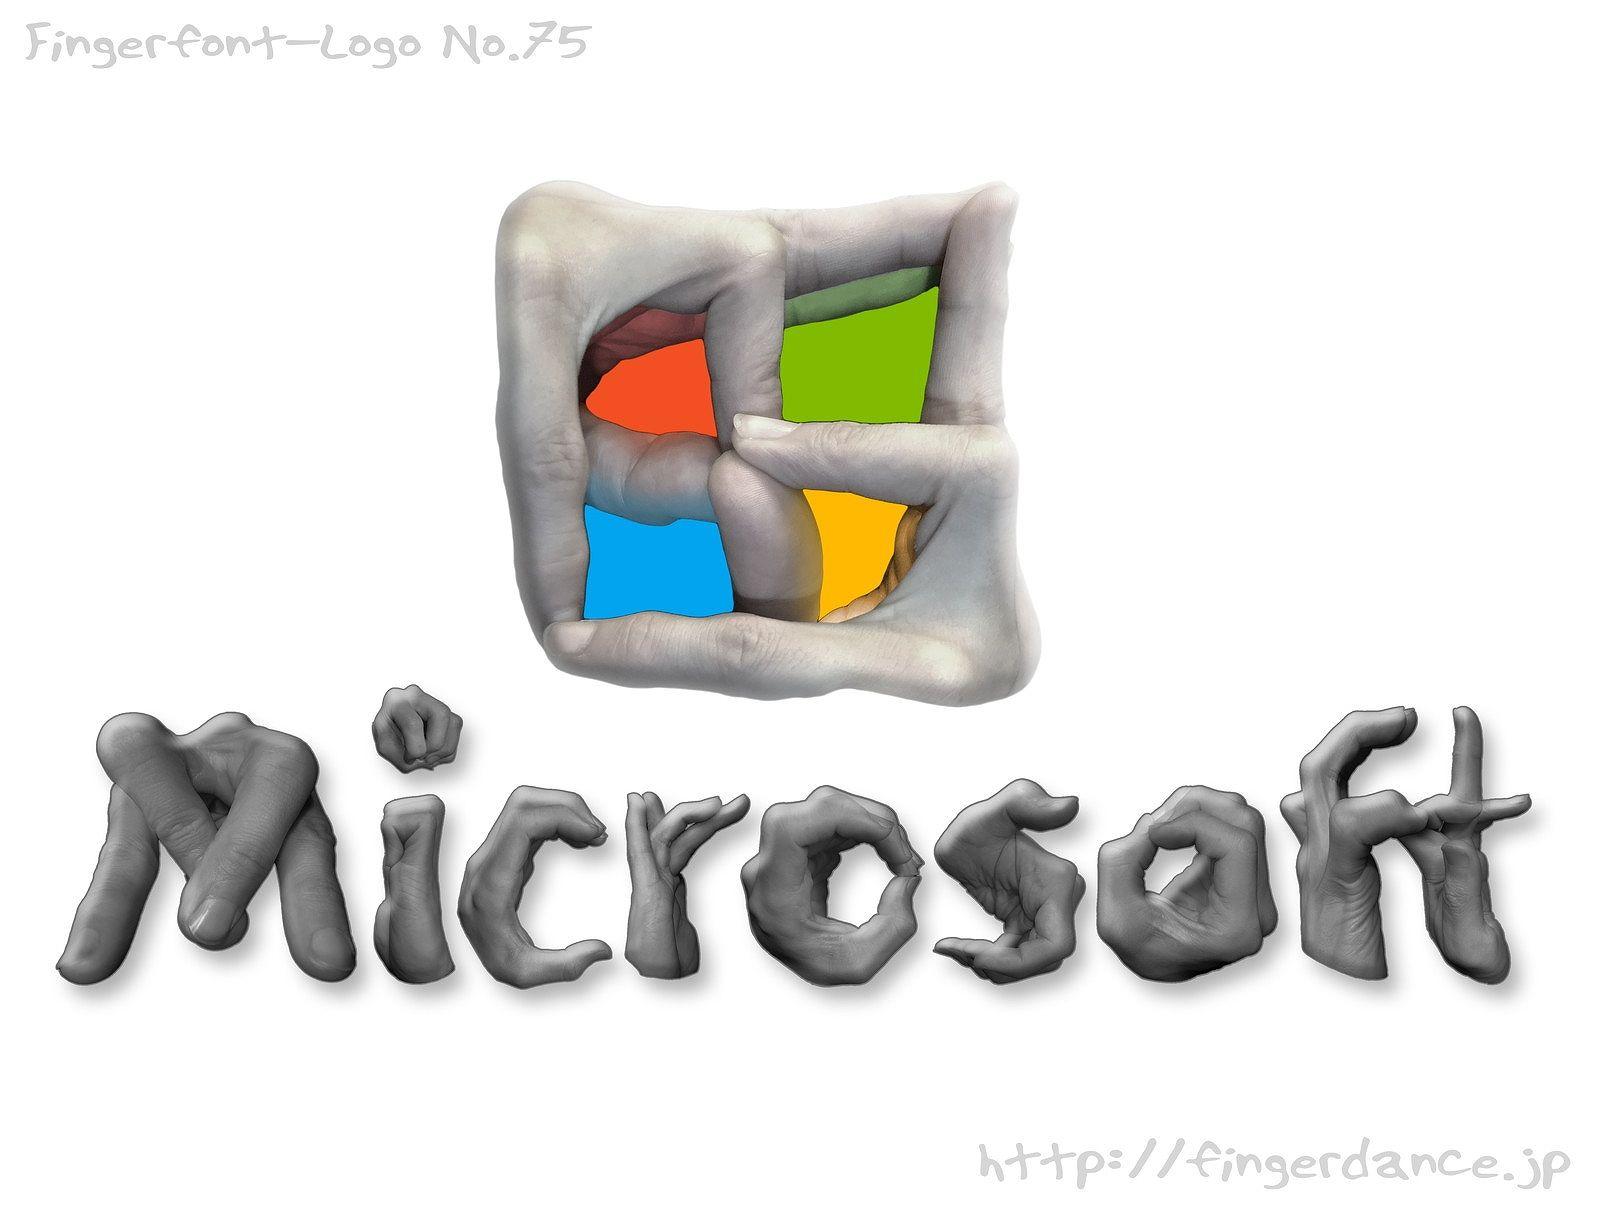 Microsoft マイクロソフト Windows ウインドウズ ビルゲイツ [ Finger